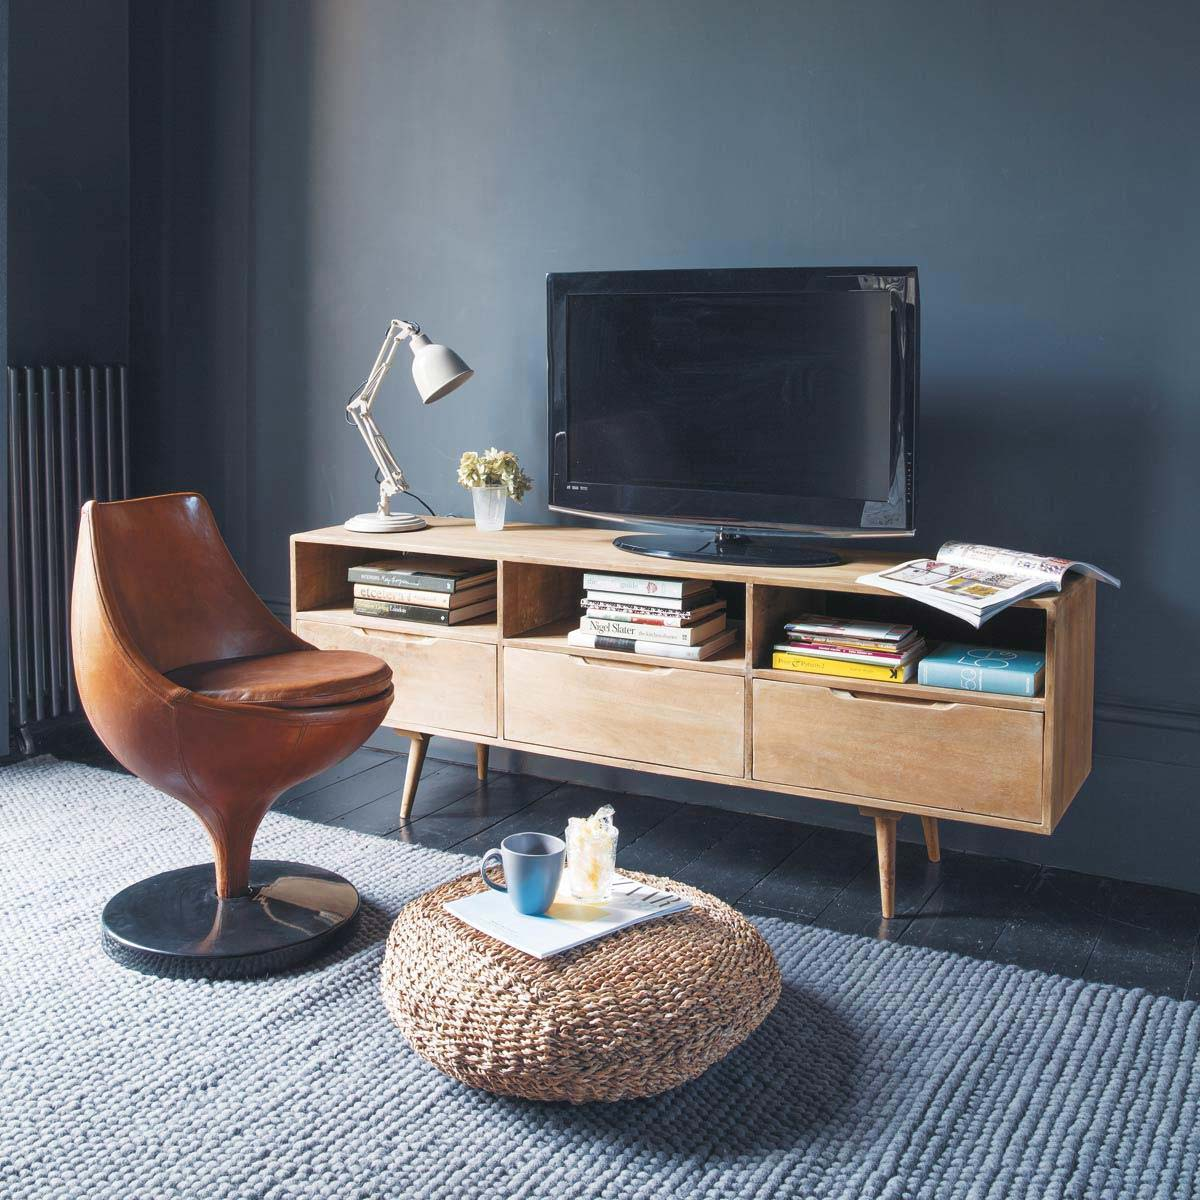 Meuble tv vintage maisons du monde - Maisons du monde nouveautes ...